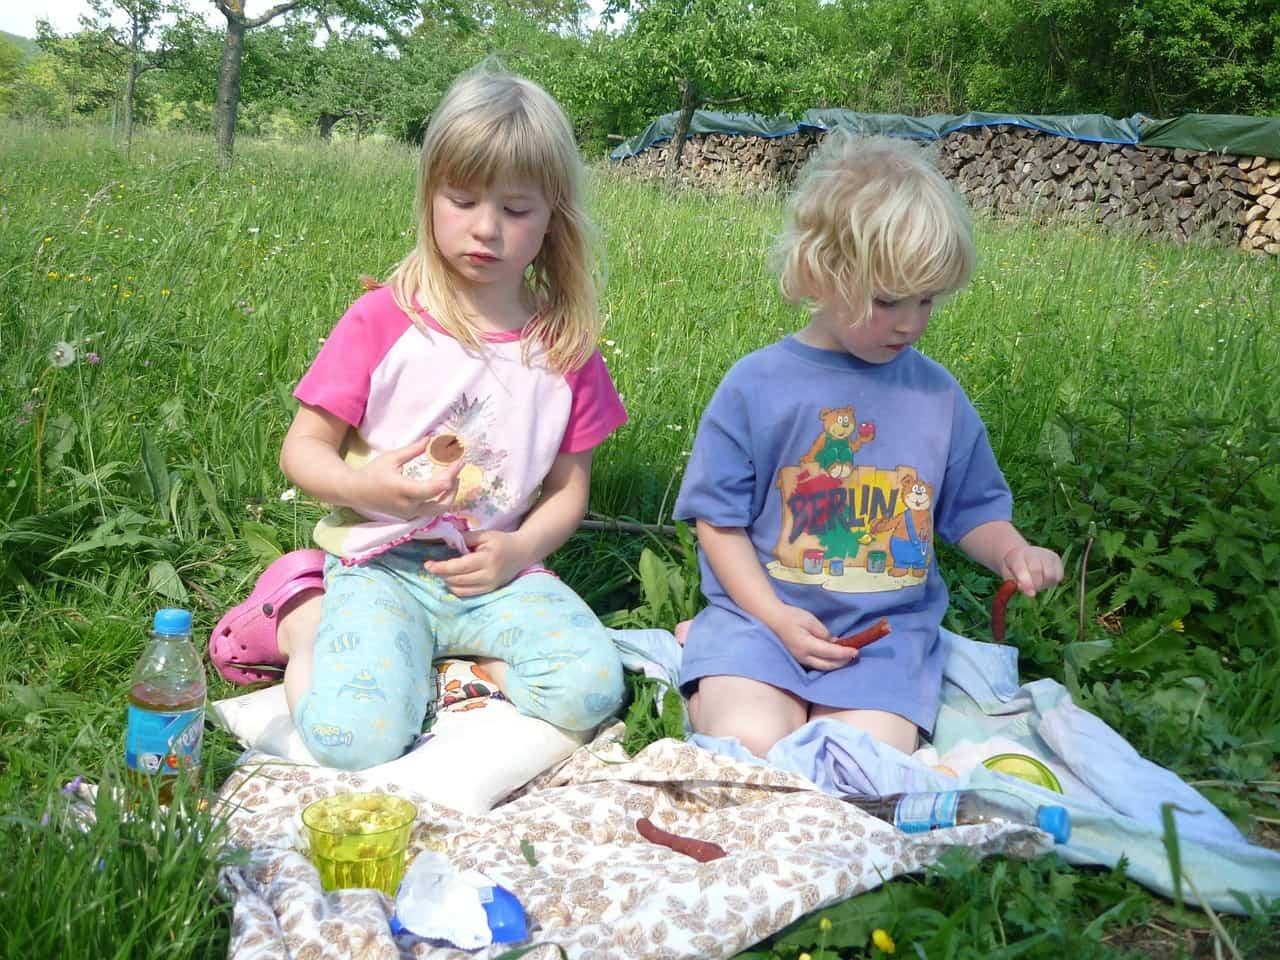 Las alergias alimentarias en los niños muchas veces pueden ser de corta duración.